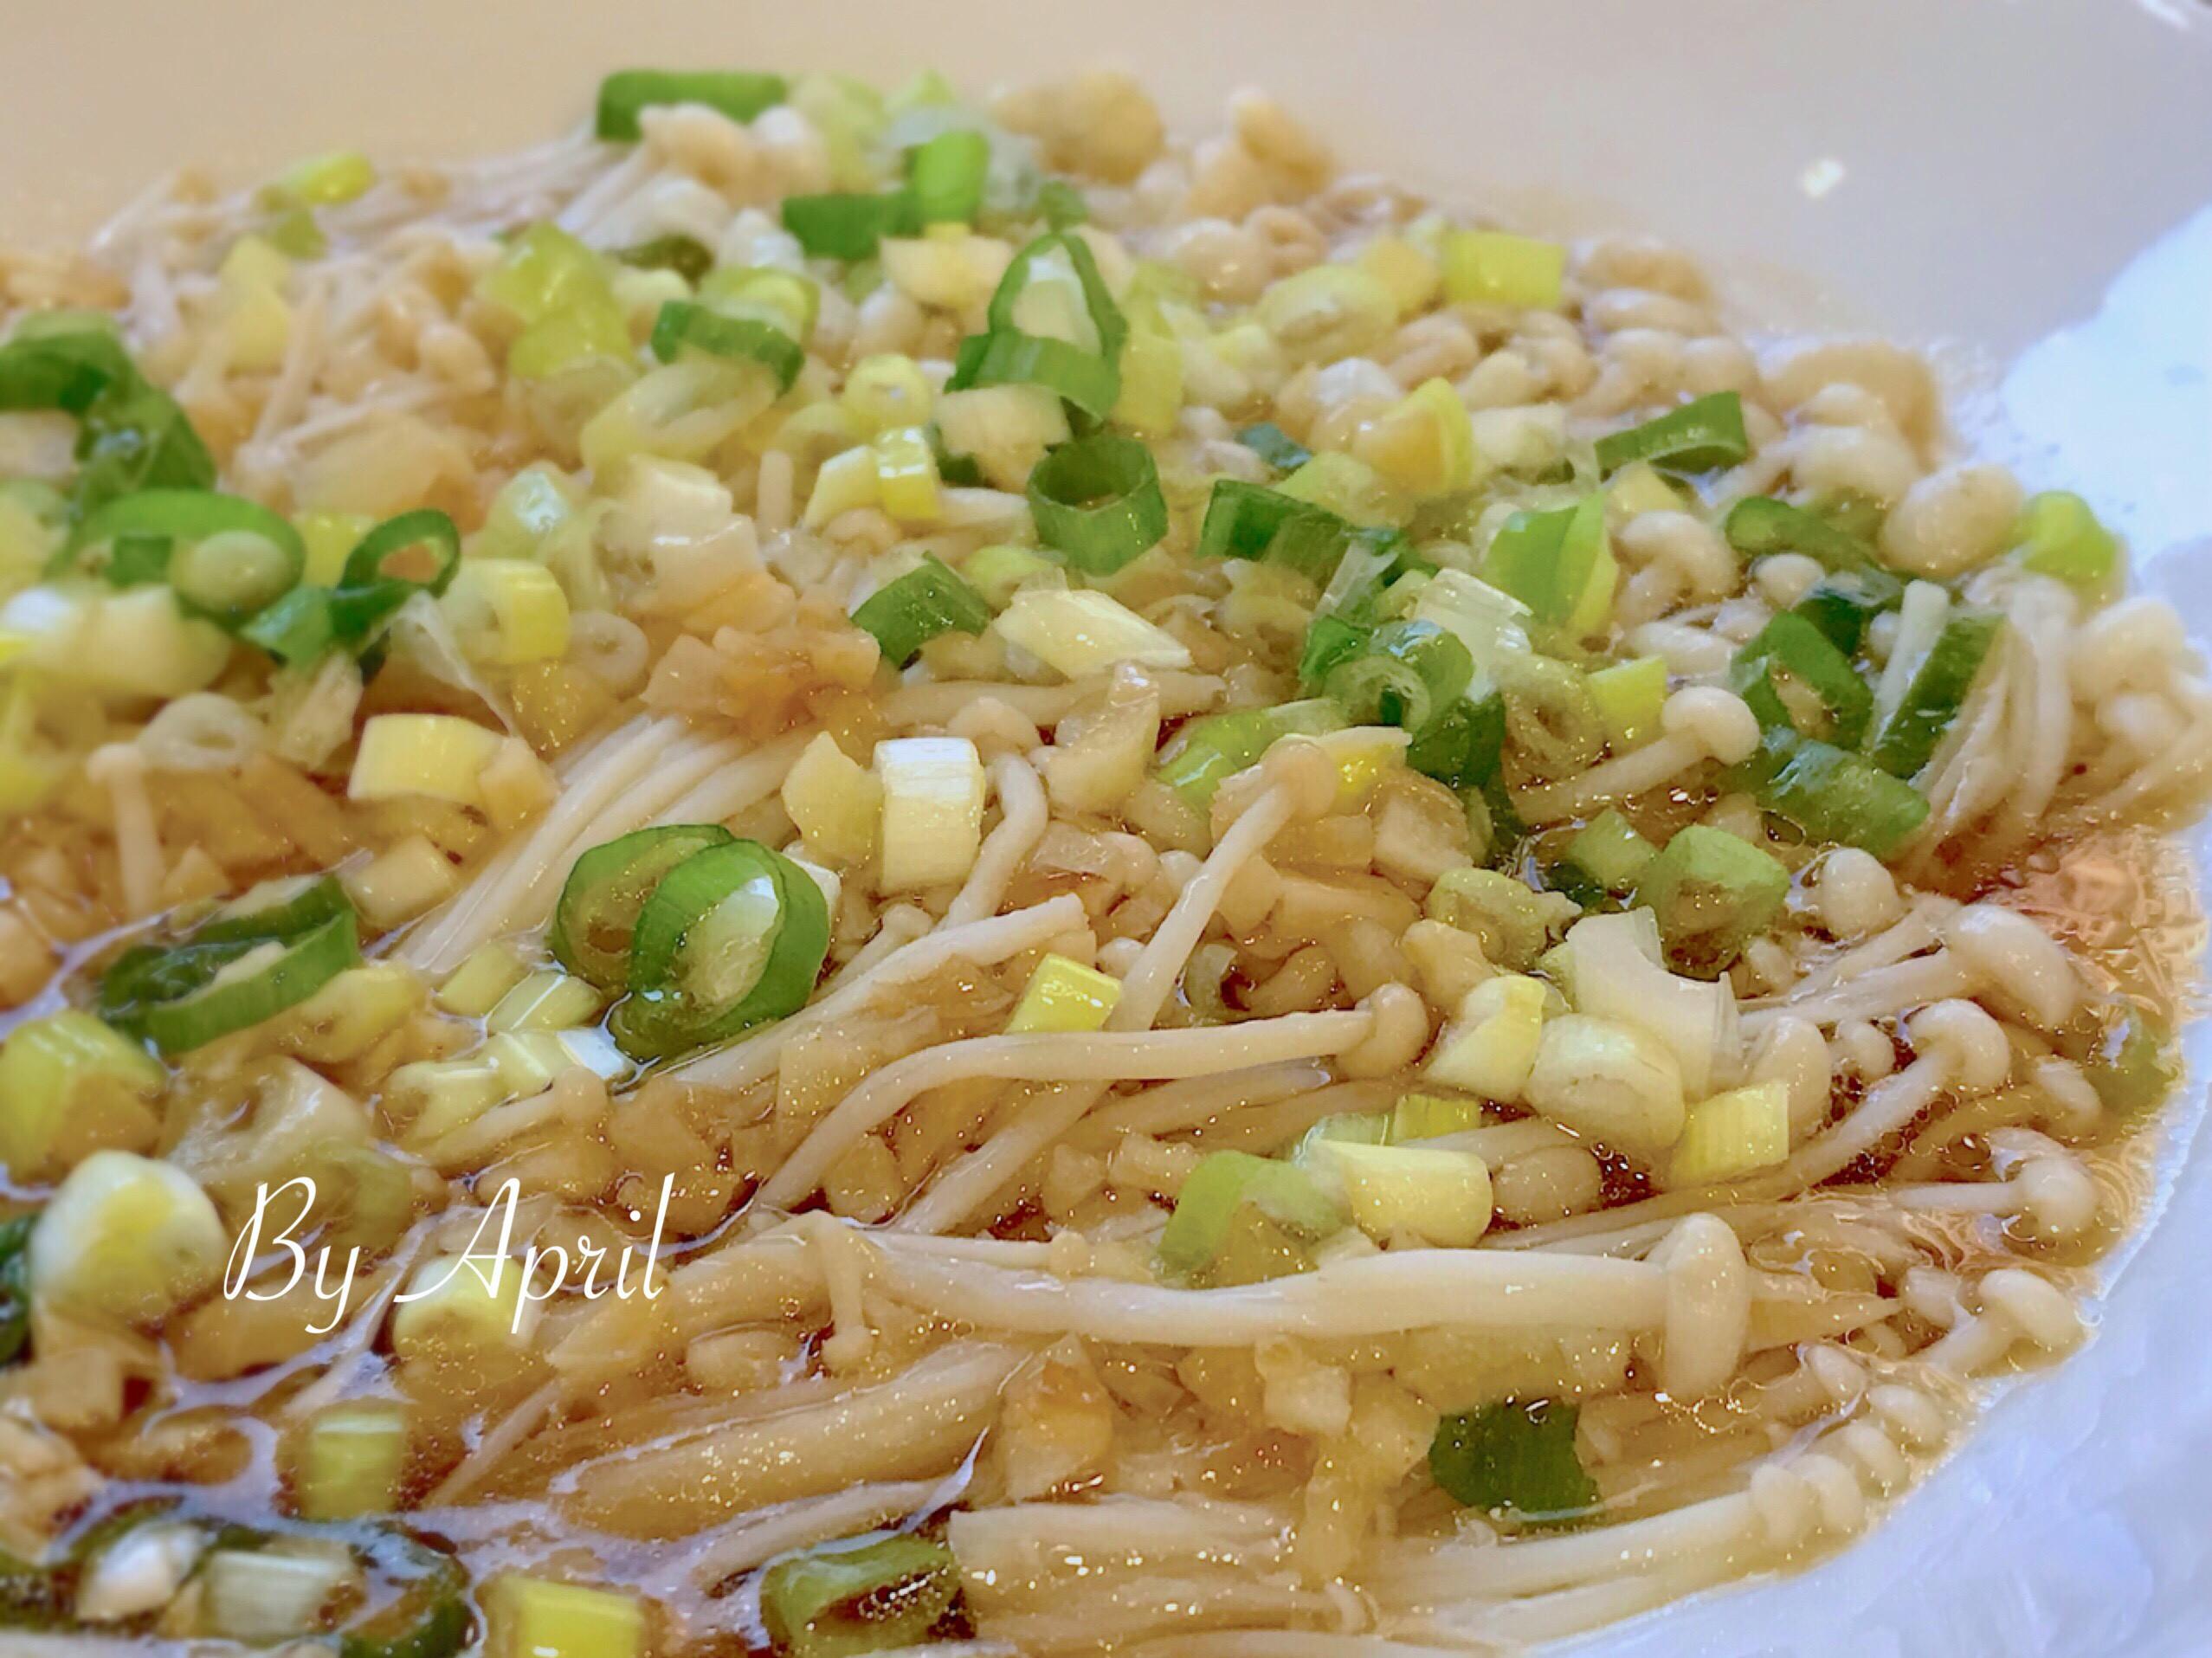 蒜蓉嫩蒸金針菇 10分鐘上菜